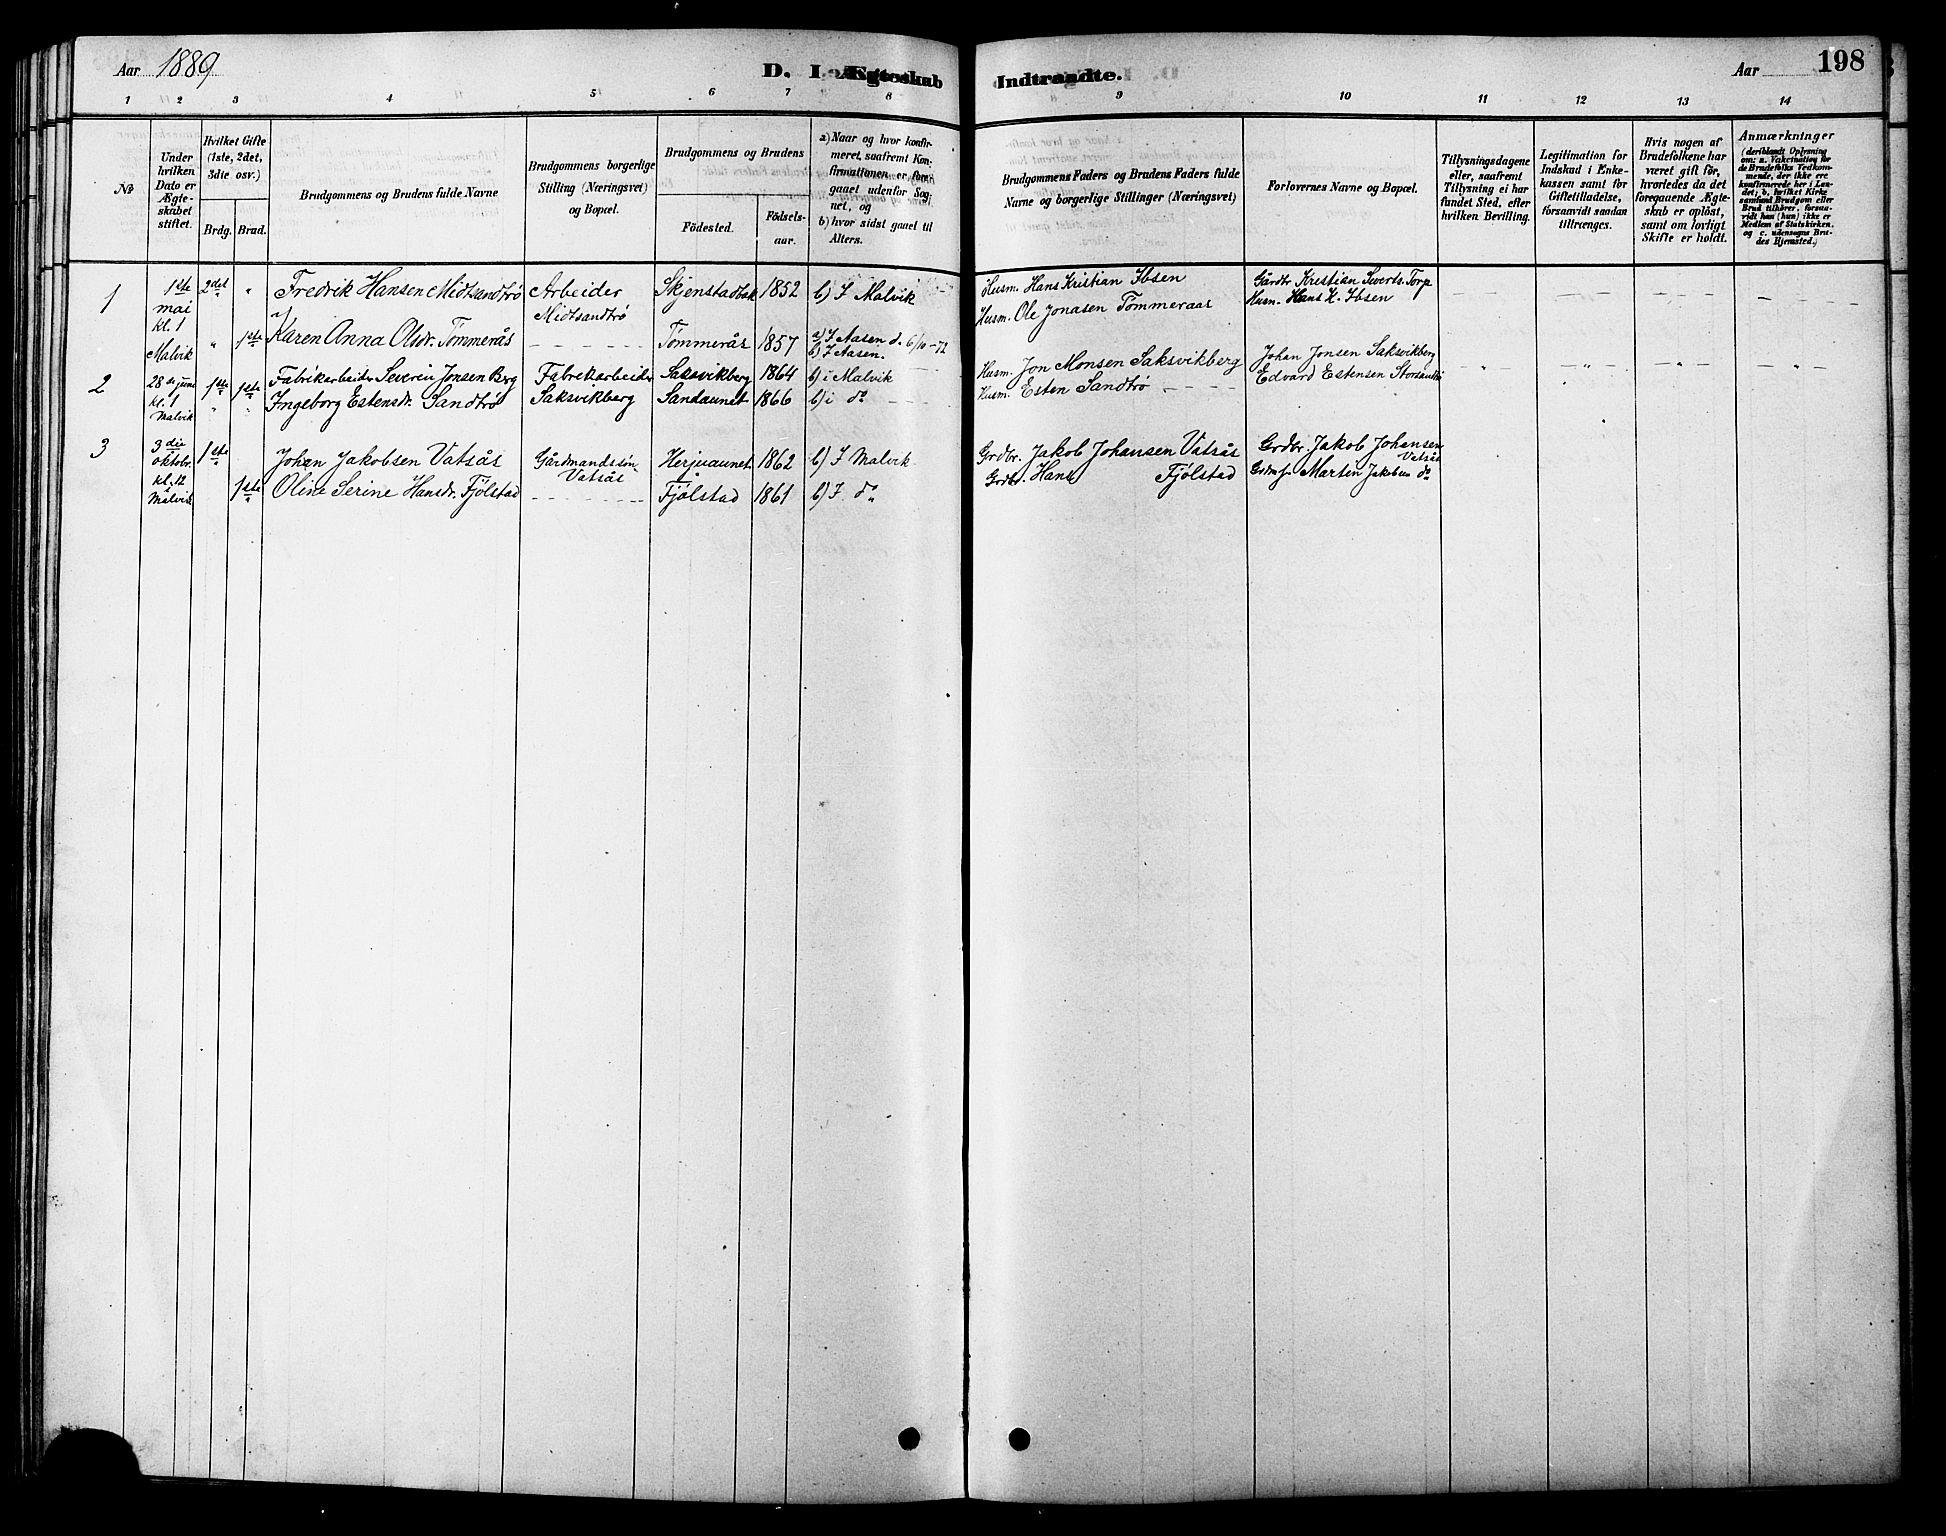 SAT, Ministerialprotokoller, klokkerbøker og fødselsregistre - Sør-Trøndelag, 616/L0423: Klokkerbok nr. 616C06, 1878-1903, s. 198